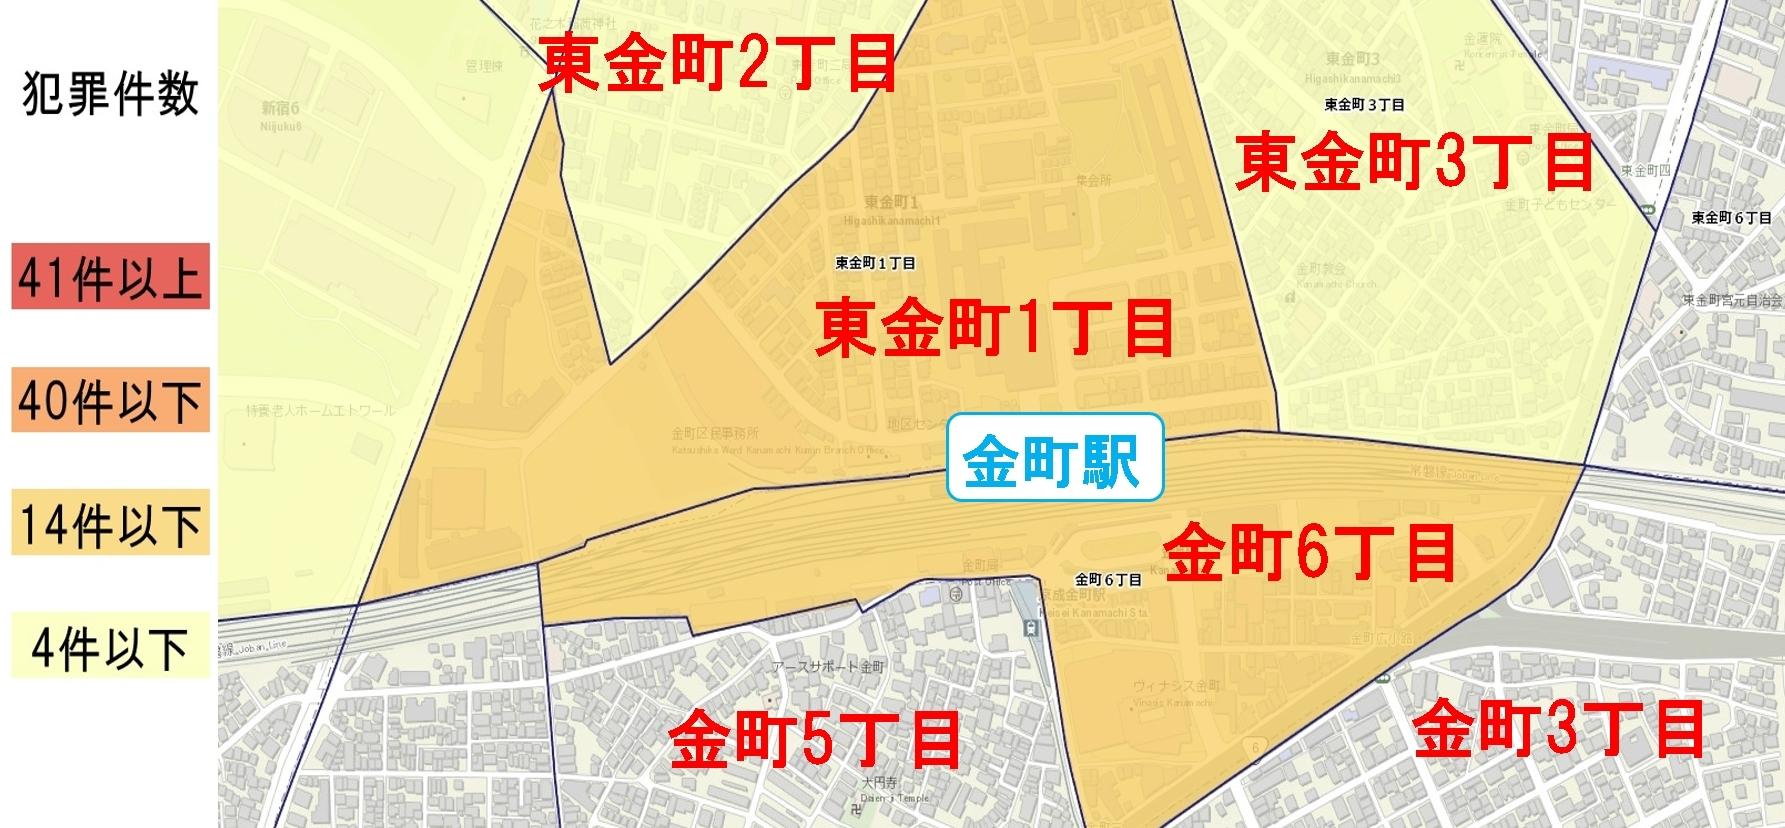 金町駅周辺の粗暴犯の犯罪件数マップ